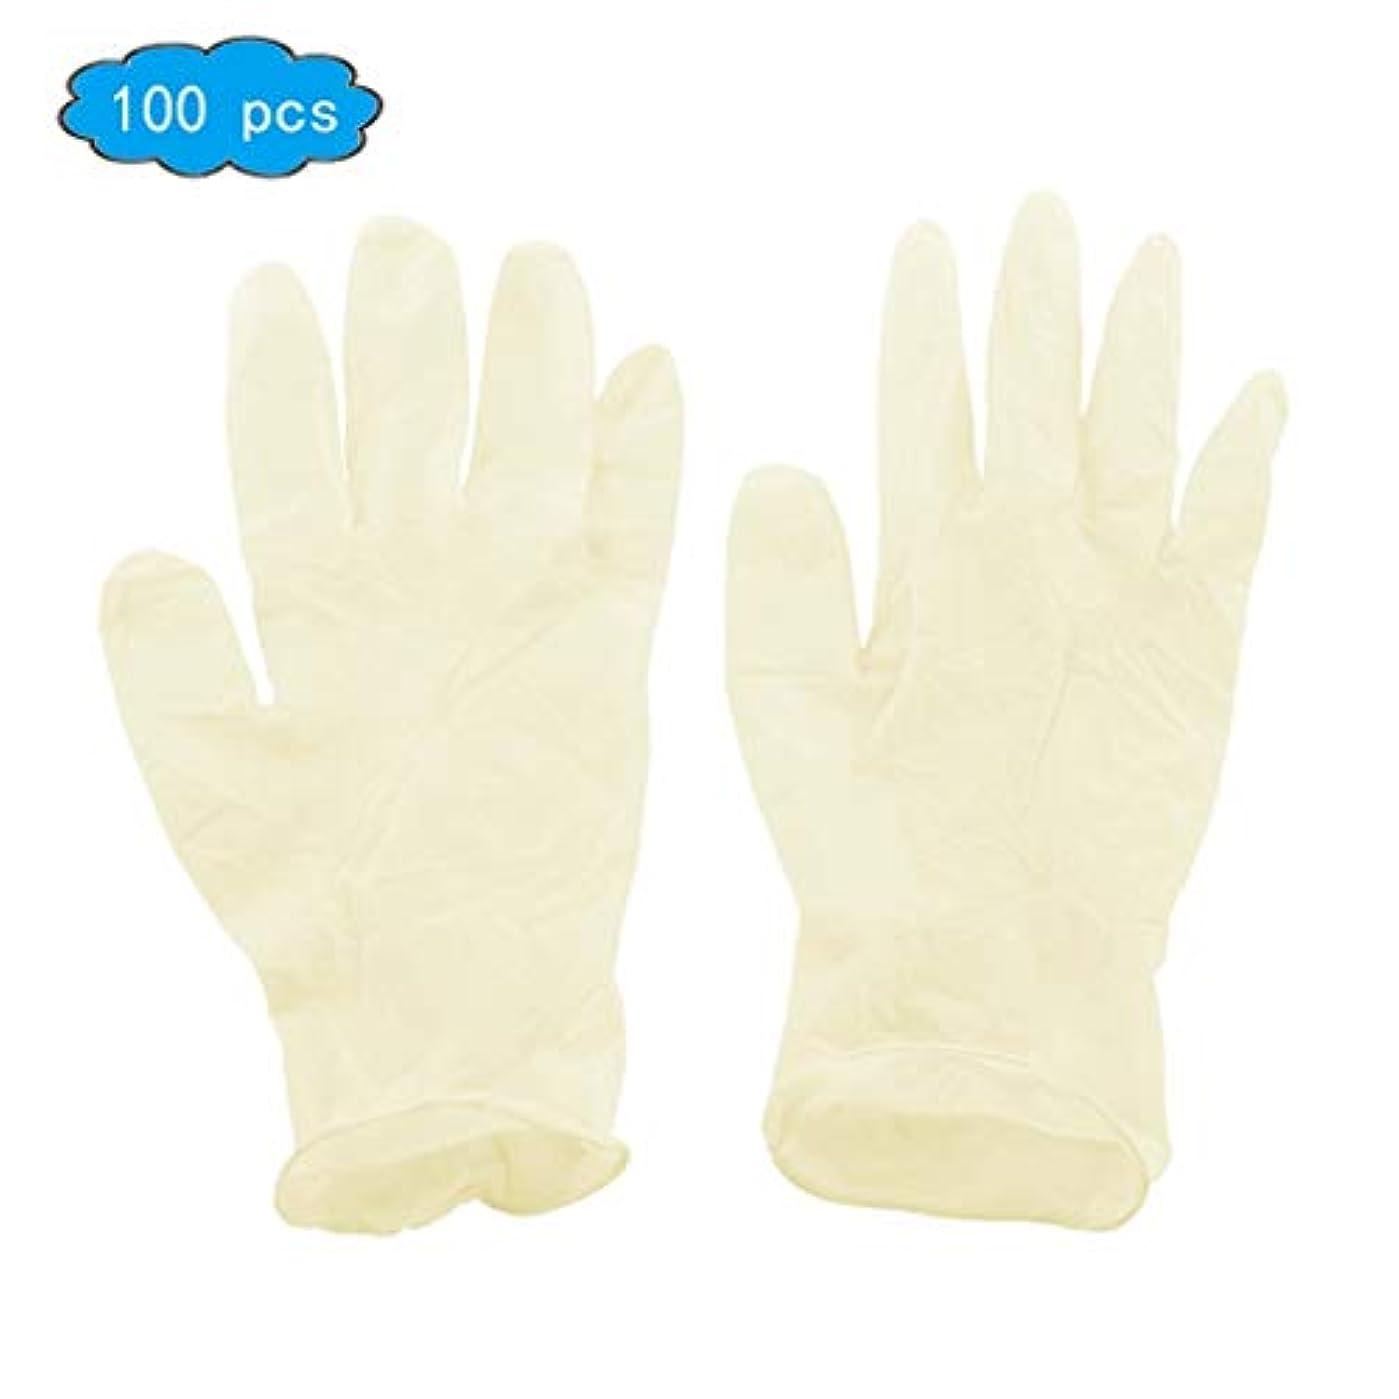 修士号大胆一般的に使い捨て手袋 - 医療用、パウダーフリー、ラテックスゴム、使い捨て、非滅菌、食品安全、テクスチャード加工、(便利なディスペンサーパック100)、中サイズ、応急処置用品 (Color : Beige, Size : M)